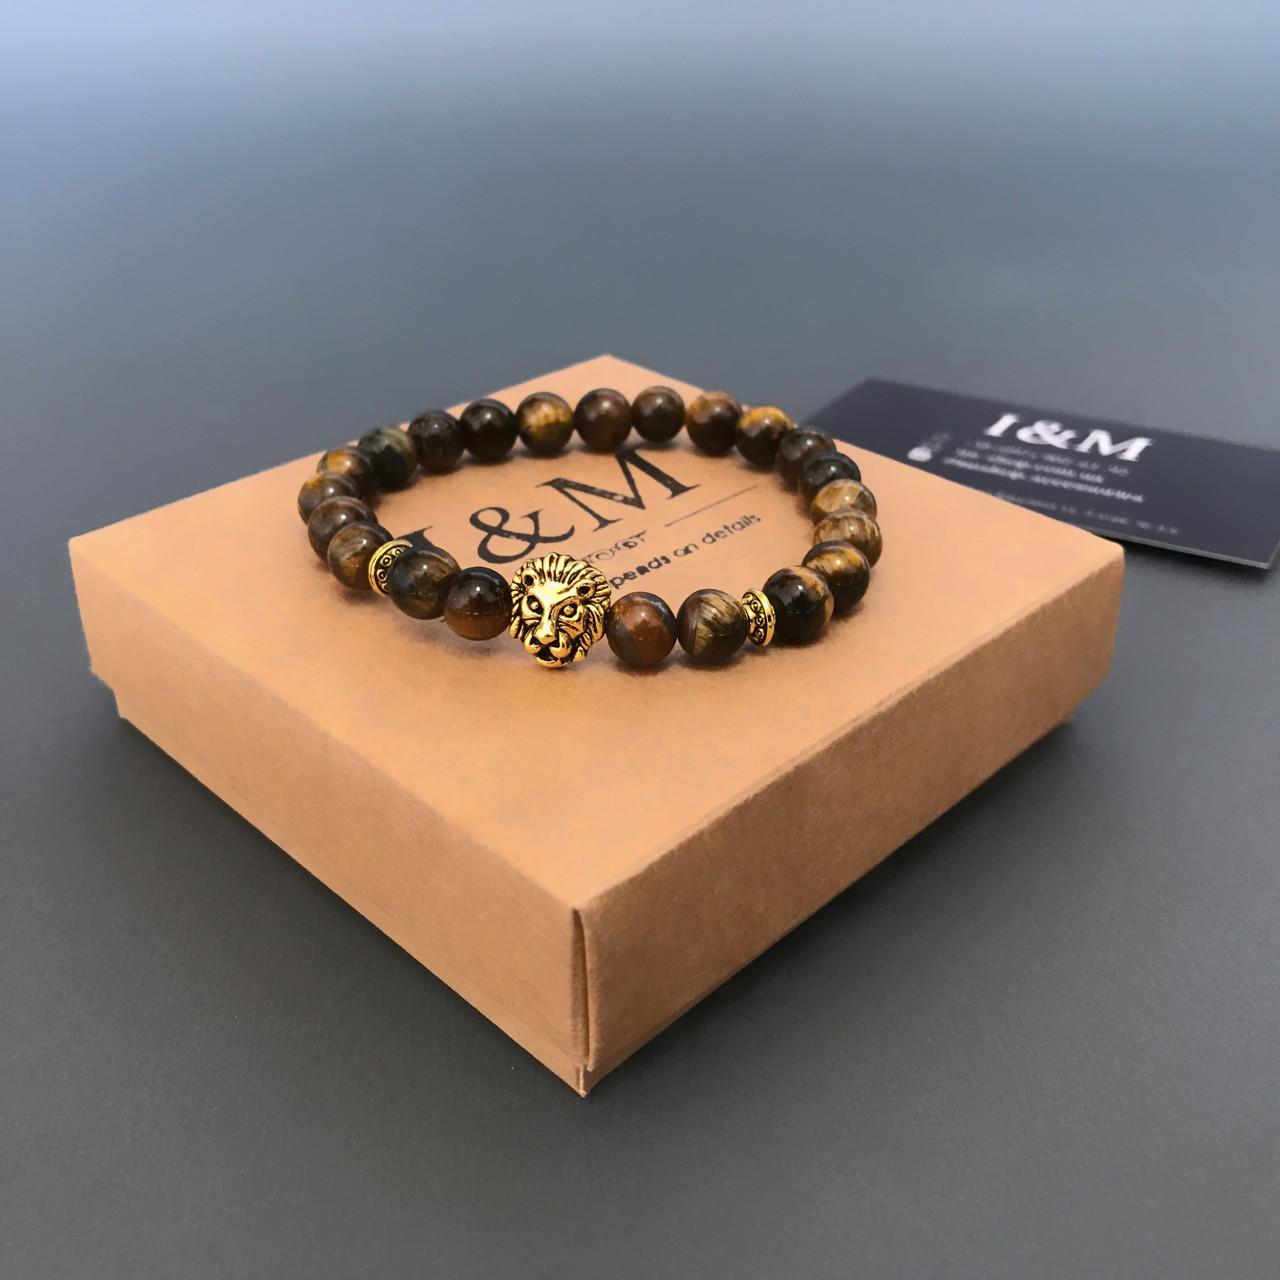 Браслет I&M Craft из камня с головой льва (241021)